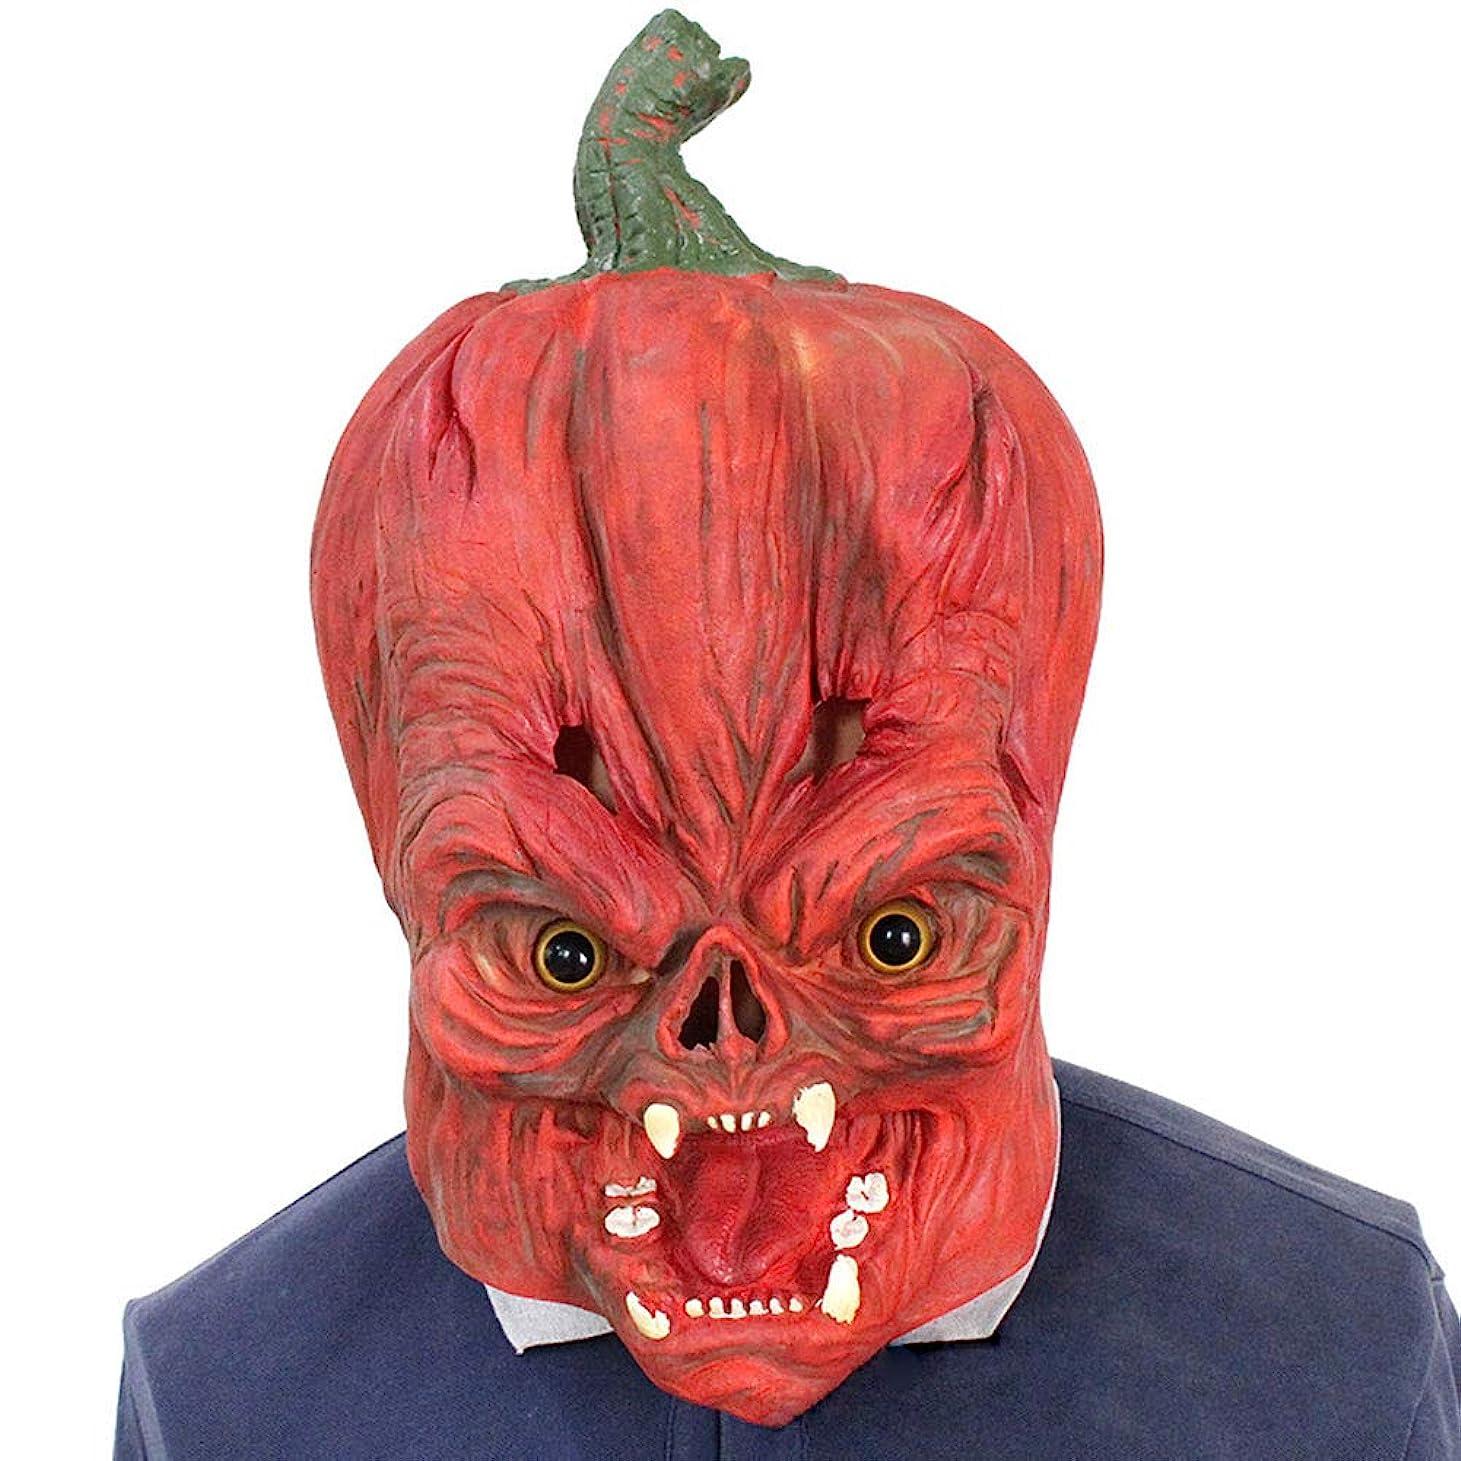 勤勉なトレイ君主ハロウィーンマスク、ホラーカボチャラテックスマスク、ハロウィーン、テーマパーティー、カーニバル、レイブパーティー、バー、小道具。